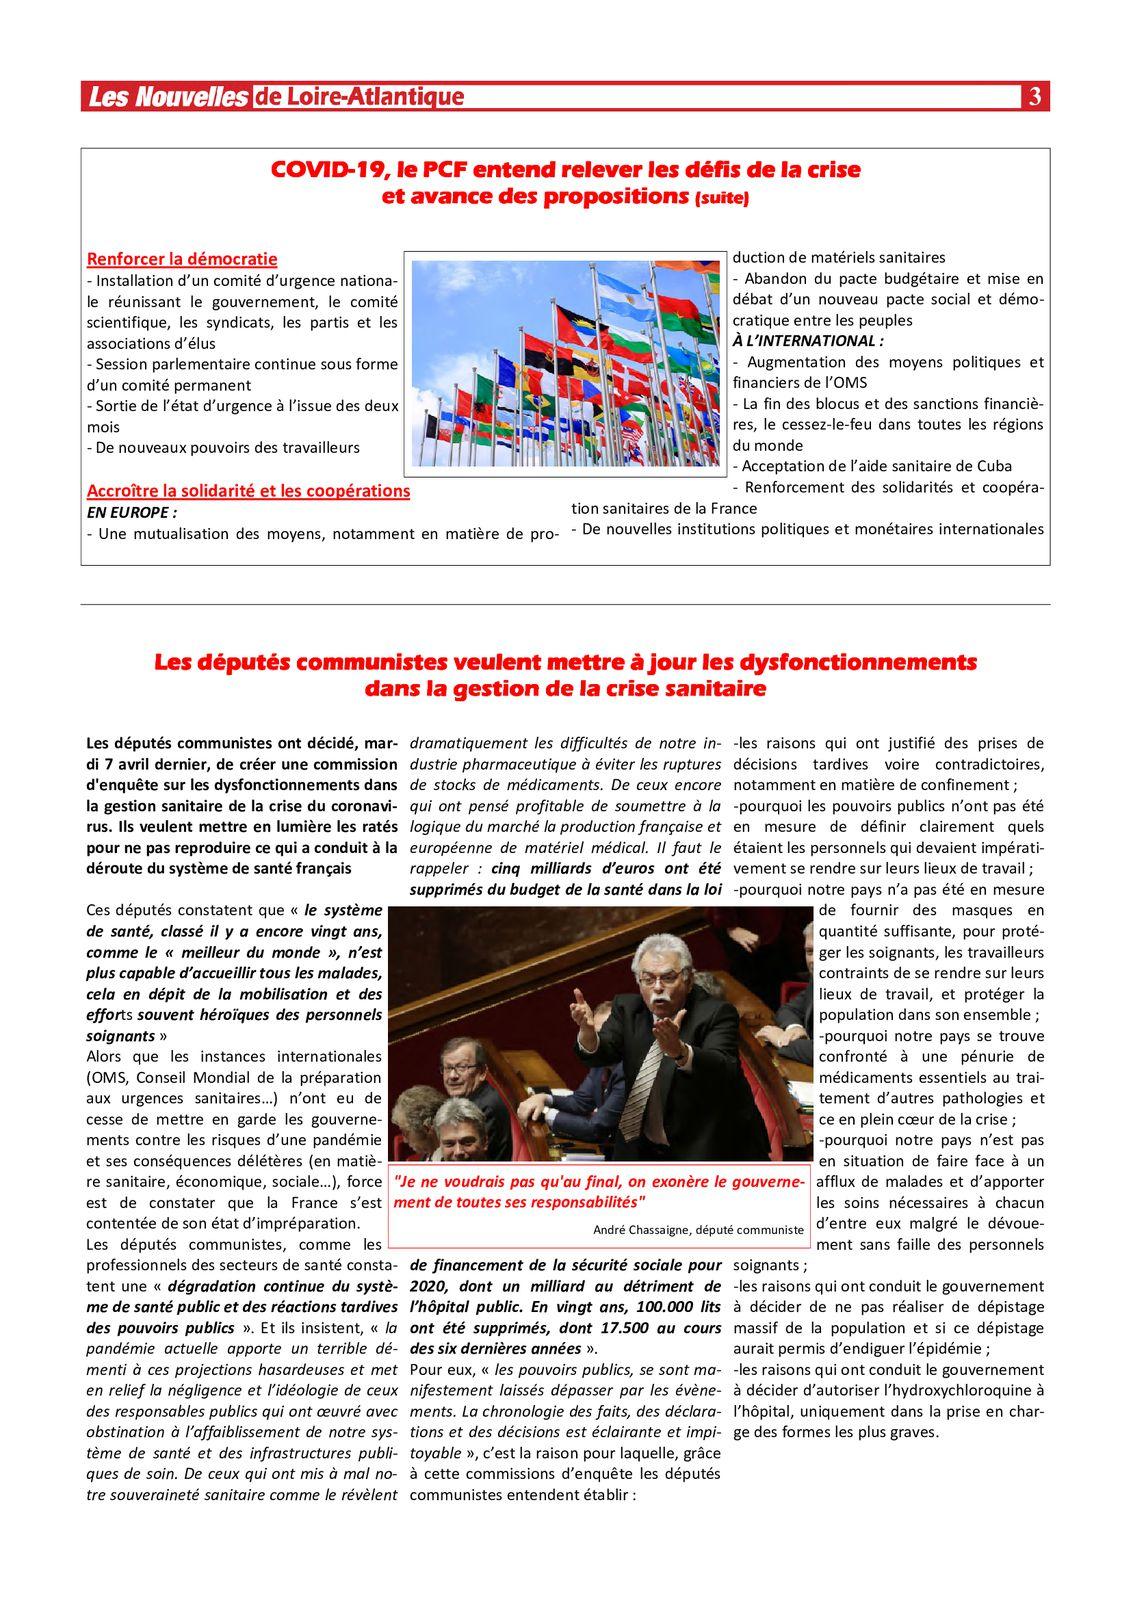 Les Nouvelles de Loire-Atlantique numériques du 10 avril 2020